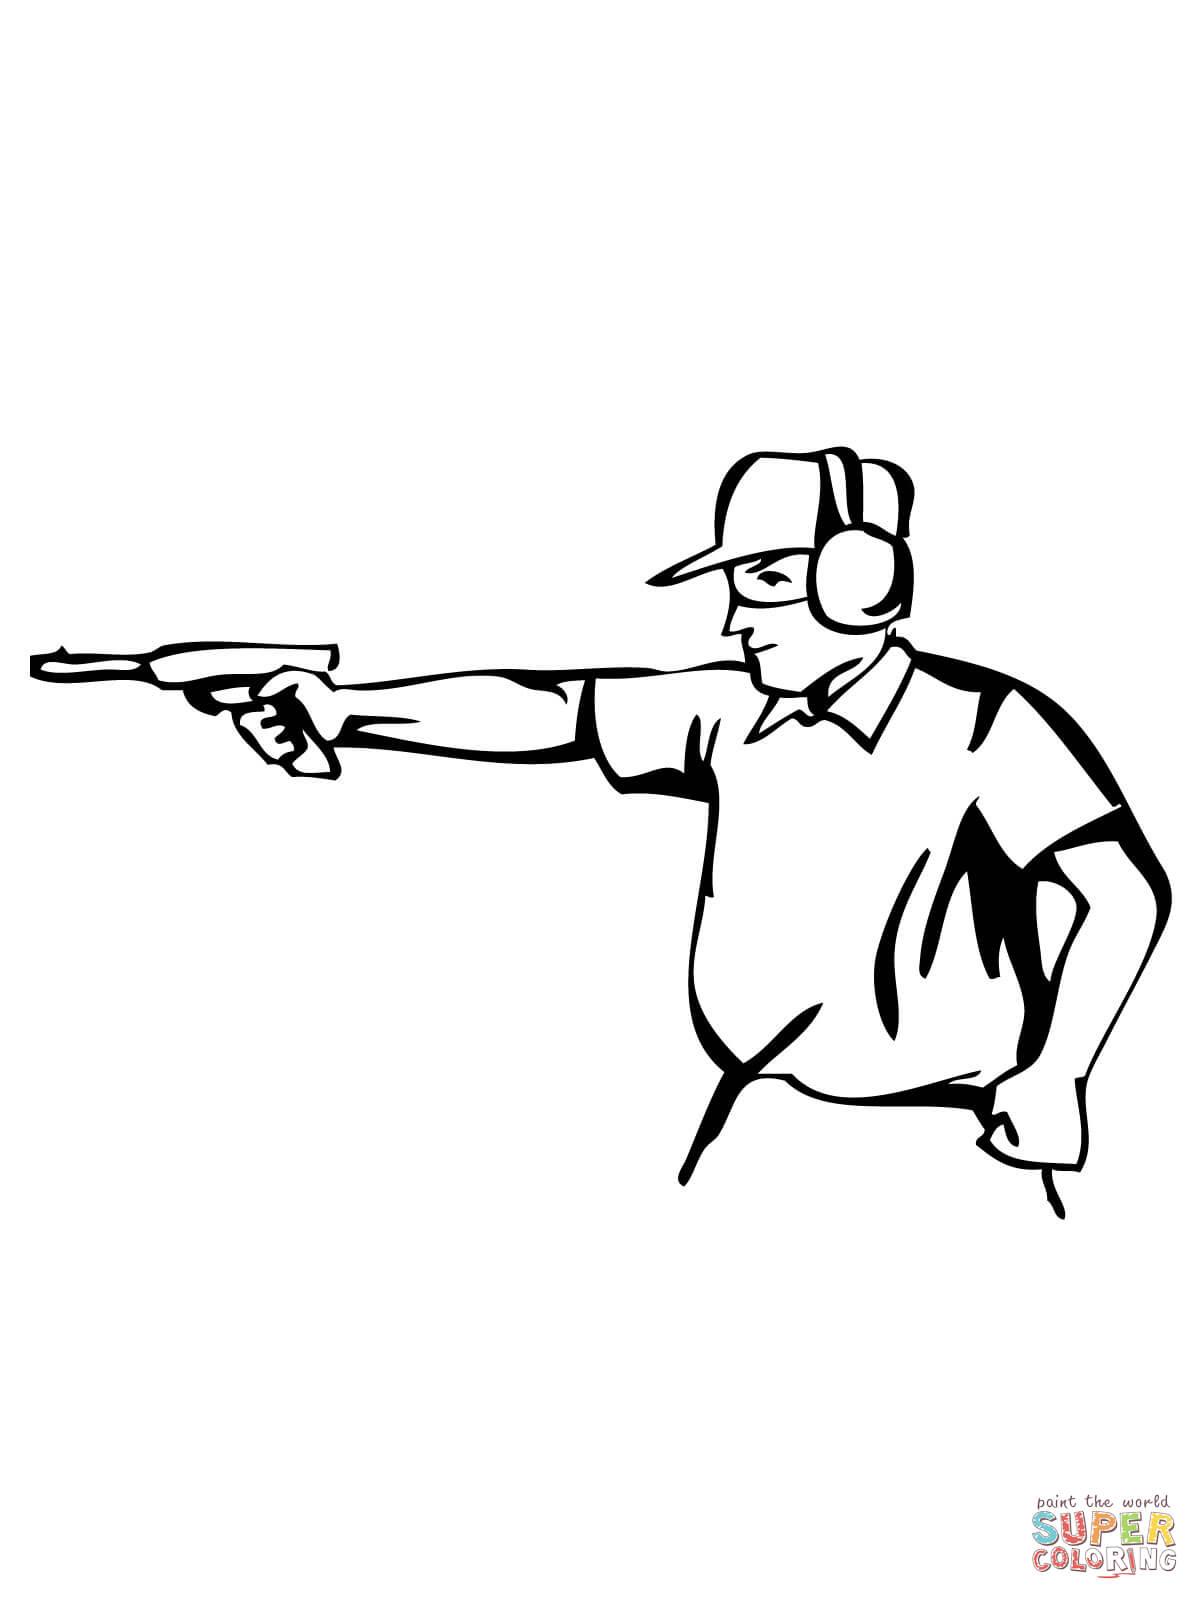 раскраски про стрелковый спорт, подходящие как детям, так и взрослым.   раскраски, посвященные  стрелковому спорту.  Интересные  раскраски  про редкий и малоизвестный вид спорта - стрельба. раскраски подойдут для детей и взрослых.